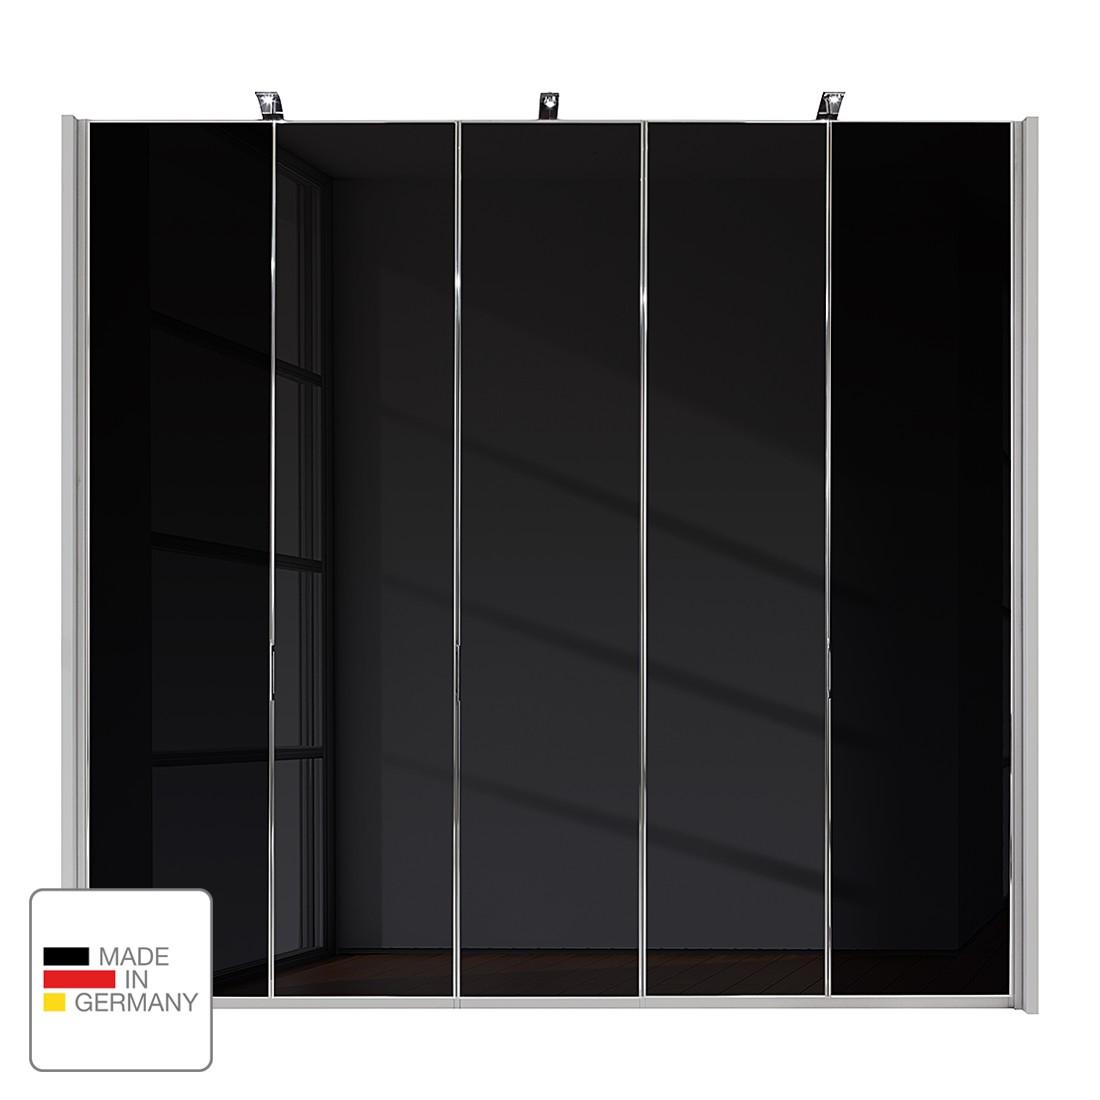 Drehtürenschrank Amsterdam – Silber/Graphit – LED-Beleuchtung – 400 cm (8-türig) – 216 cm – 8 Glastüren, Althoff jetzt bestellen